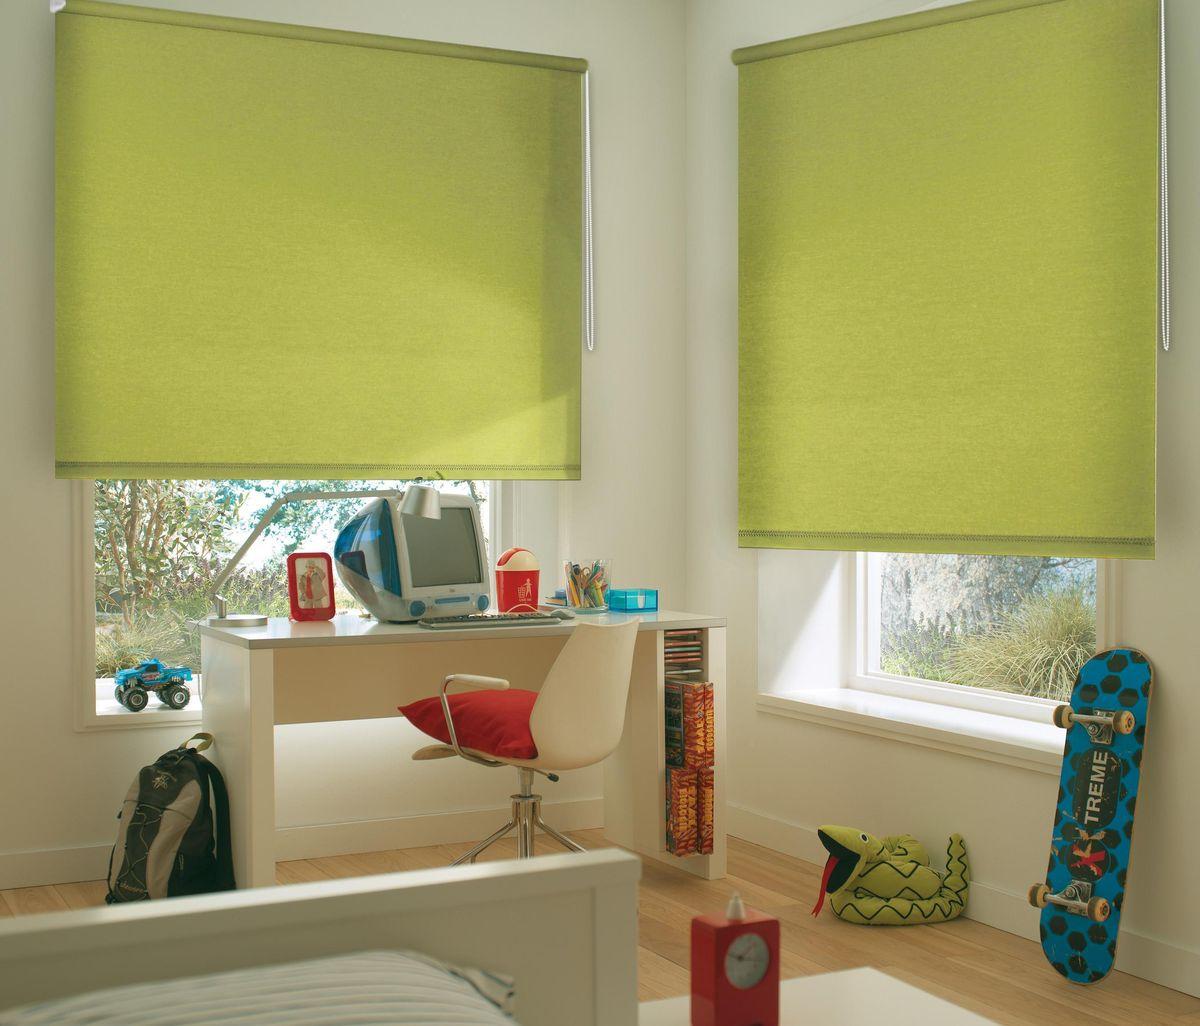 Штора рулонная Эскар, цвет: салатовый, ширина 130 см, высота 170 см81014130170Рулонными шторами можно оформлять окна как самостоятельно, так и использовать в комбинации с портьерами. Это поможет предотвратить выгорание дорогой ткани на солнце и соединит функционал рулонных с красотой навесных. Преимущества применения рулонных штор для пластиковых окон: - имеют прекрасный внешний вид: многообразие и фактурность материала изделия отлично смотрятся в любом интерьере; - многофункциональны: есть возможность подобрать шторы способные эффективно защитить комнату от солнца, при этом о на не будет слишком темной. - Есть возможность осуществить быстрый монтаж. ВНИМАНИЕ! Размеры ширины изделия указаны по ширине ткани! Во время эксплуатации не рекомендуется полностью разматывать рулон, чтобы не оторвать ткань от намоточного вала. В случае загрязнения поверхности ткани, чистку шторы проводят одним из способов, в зависимости от типа загрязнения: легкое поверхностное загрязнение можно удалить при помощи...